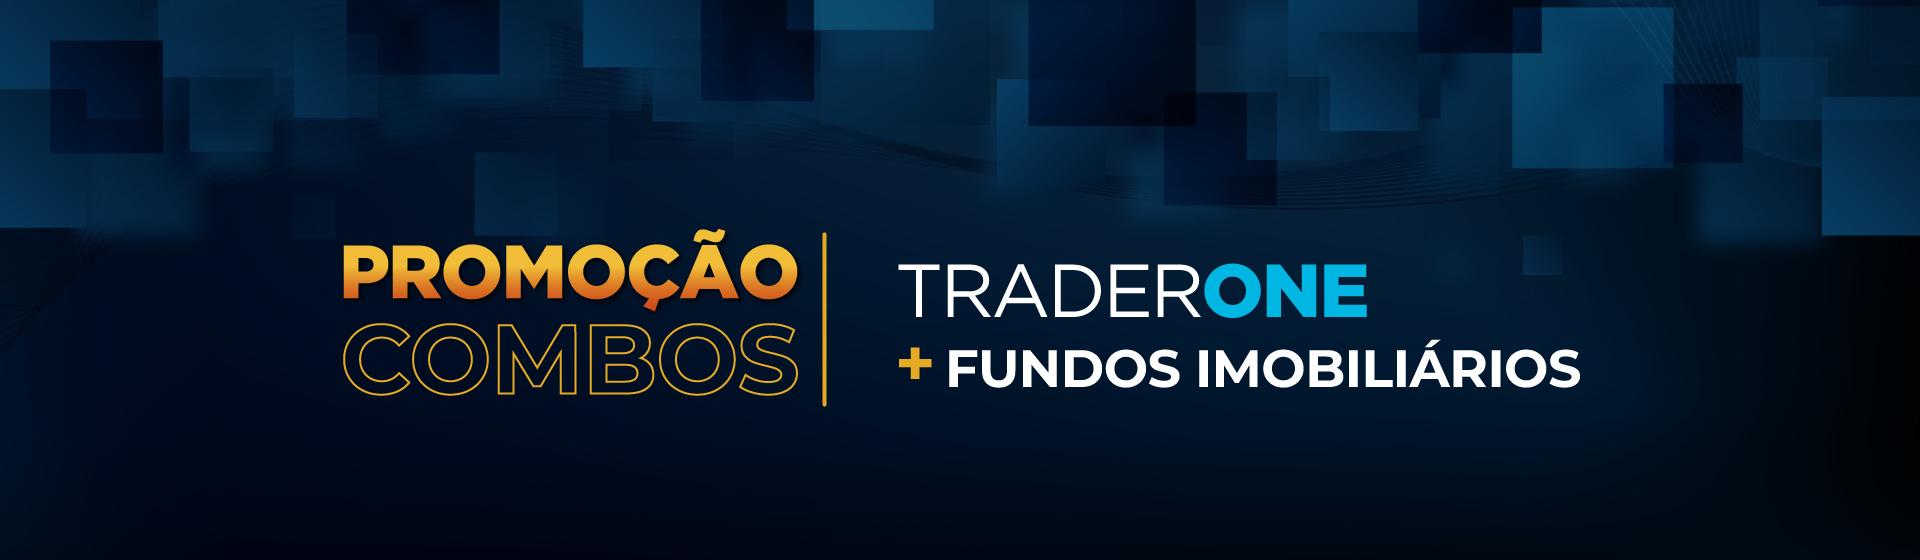 4 banner trader%2bfi